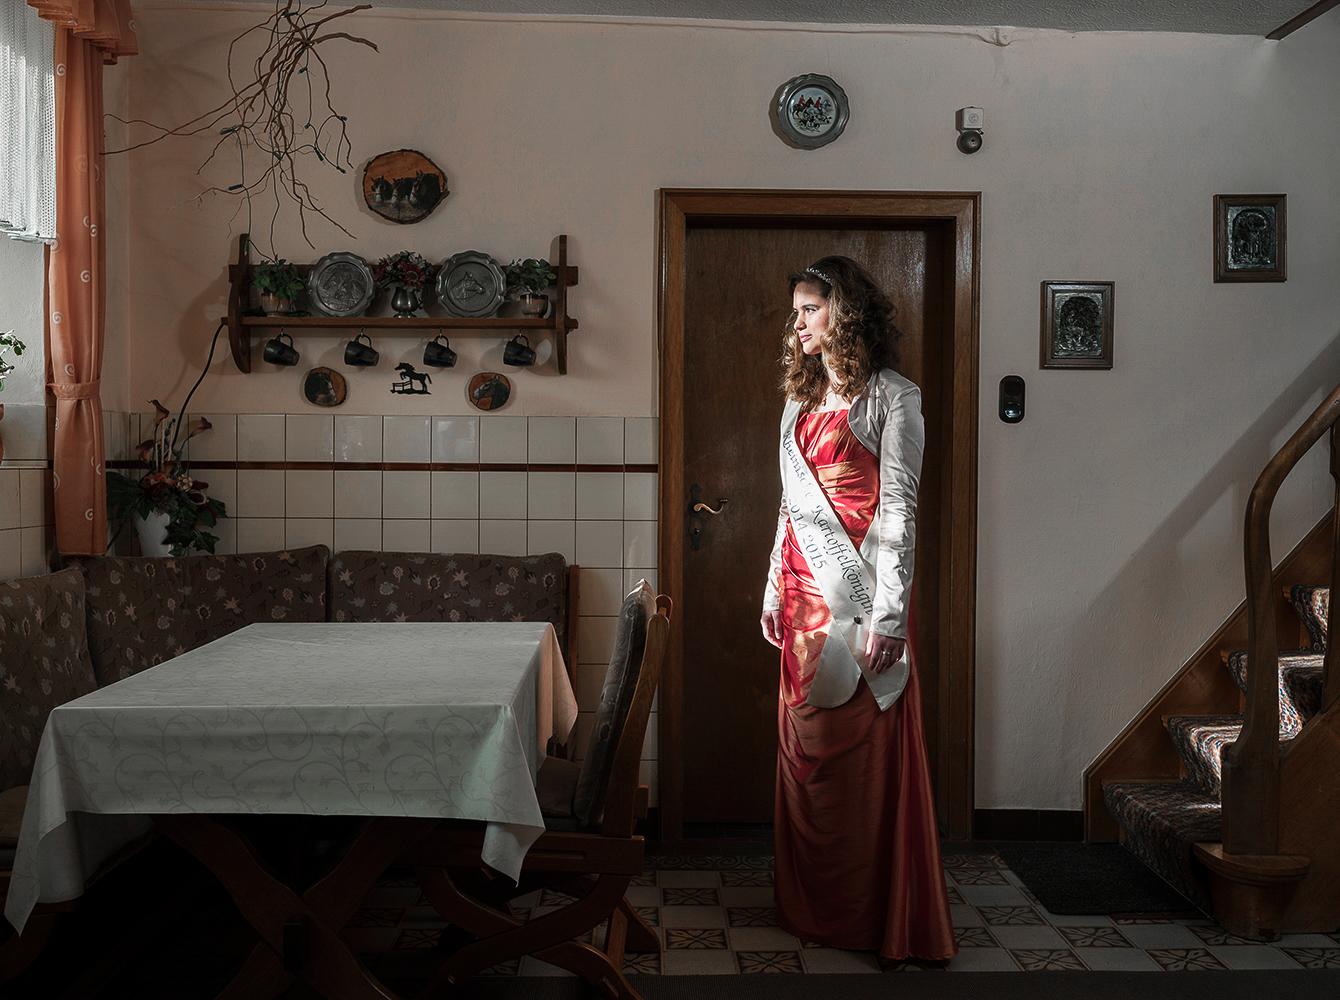 Kerstin Geiser, letzte Kartoffelkönigin, Immerath